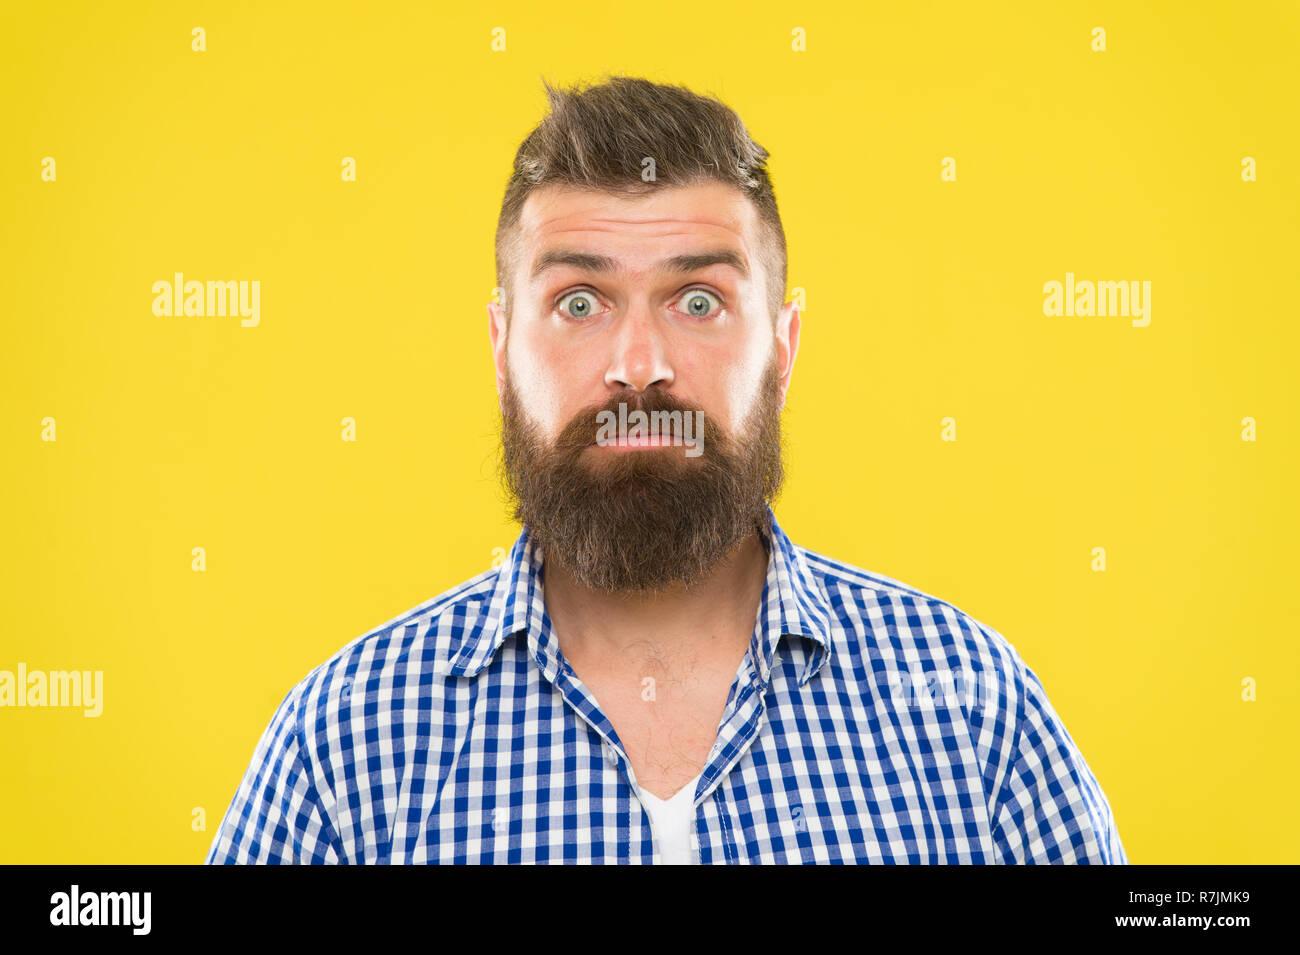 Sorprendente noticia. El hombre barbado hipster preguntándose cara fondo amarillo de cerca. Guy sorprendida expresión de cara. Hipster con la barba y el bigote sorprendida expresión emocional. Sorprendido rústico macho. Imagen De Stock